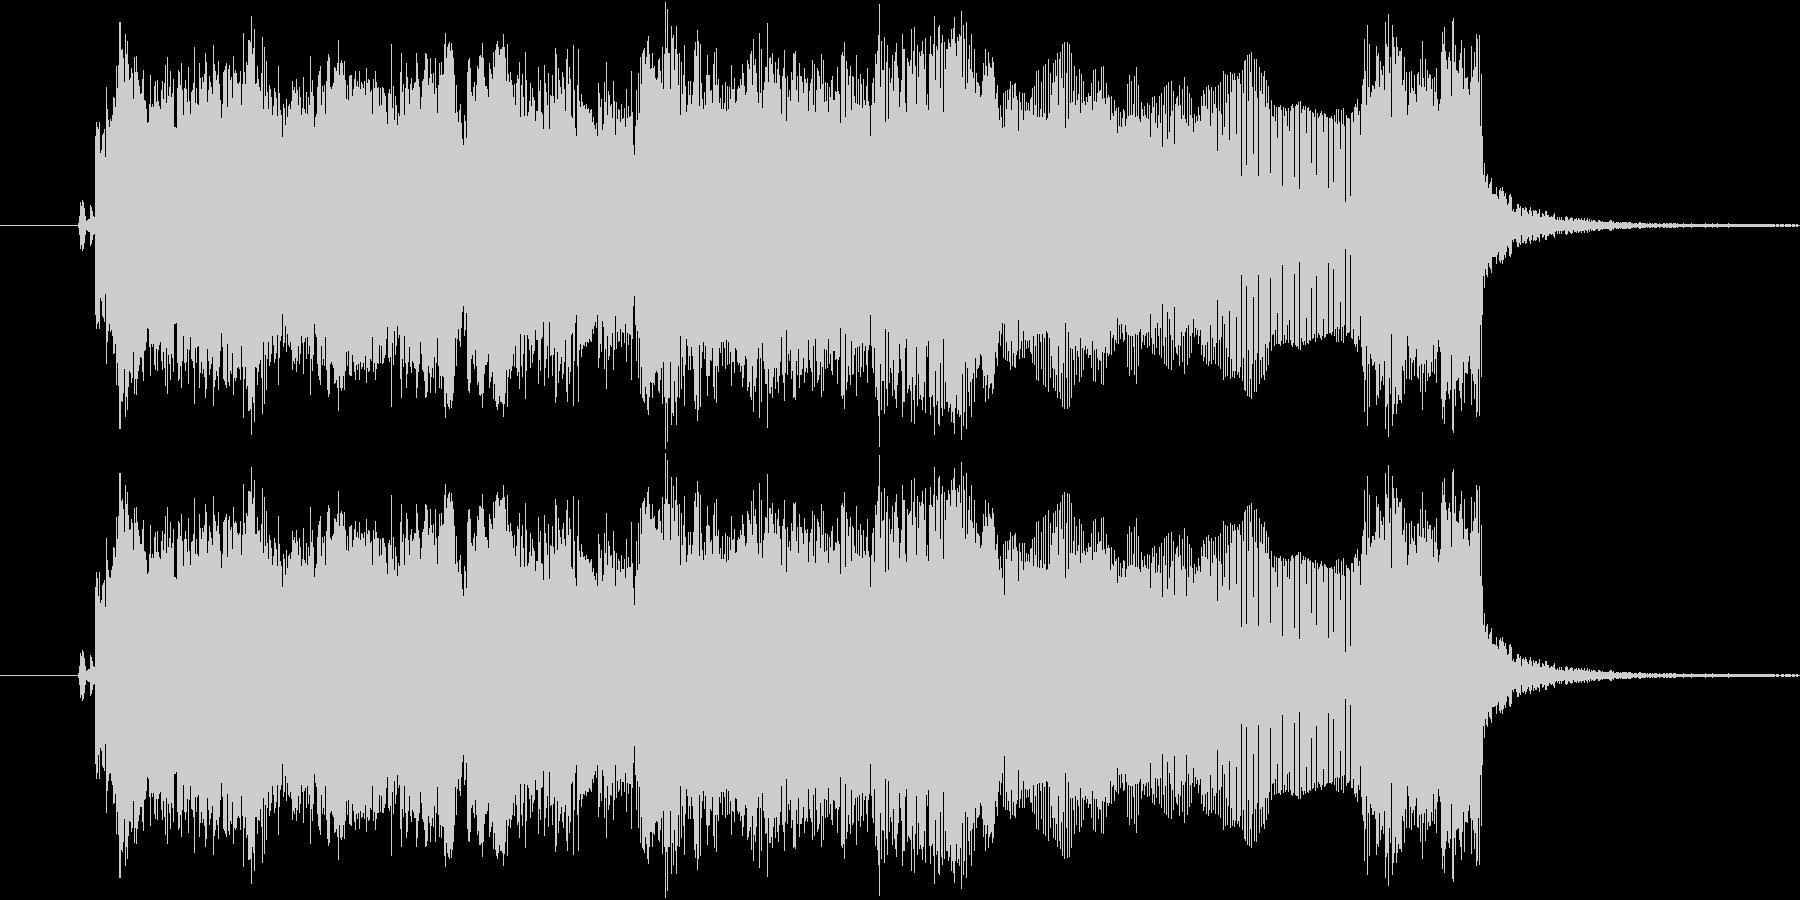 ギターフレーズ008の未再生の波形